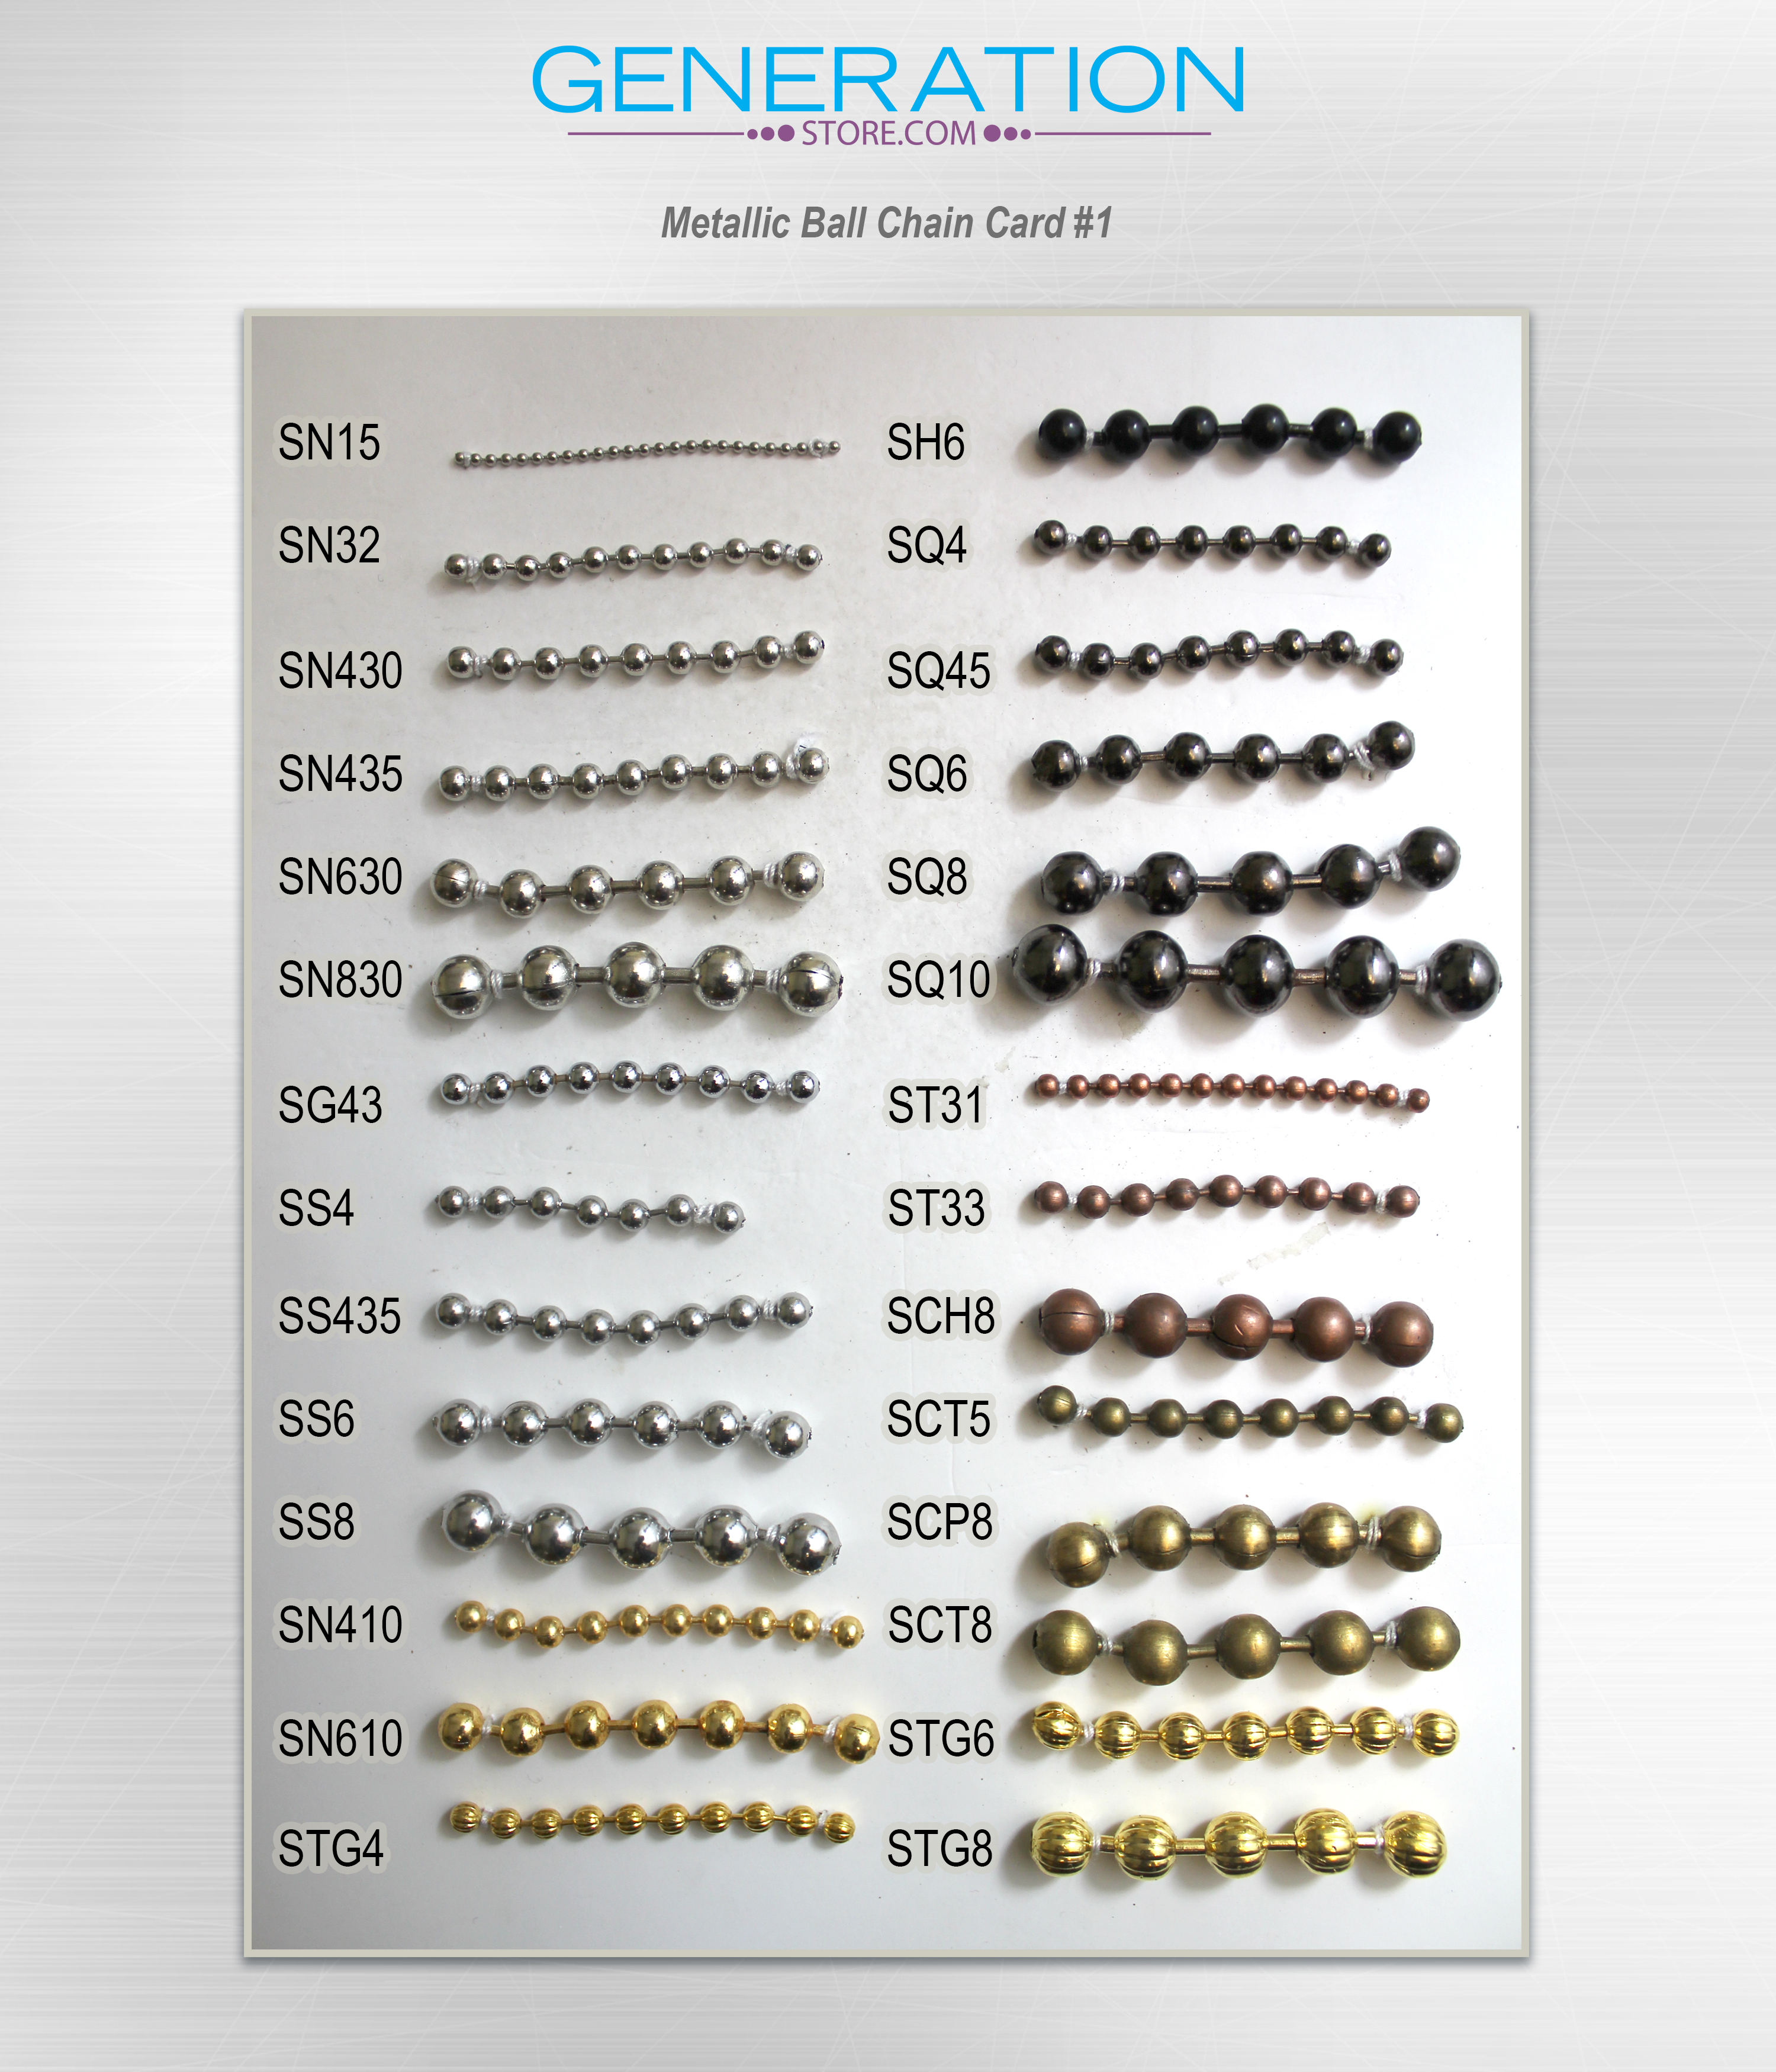 metallic-ball-chain-card-1-clean-.jpg